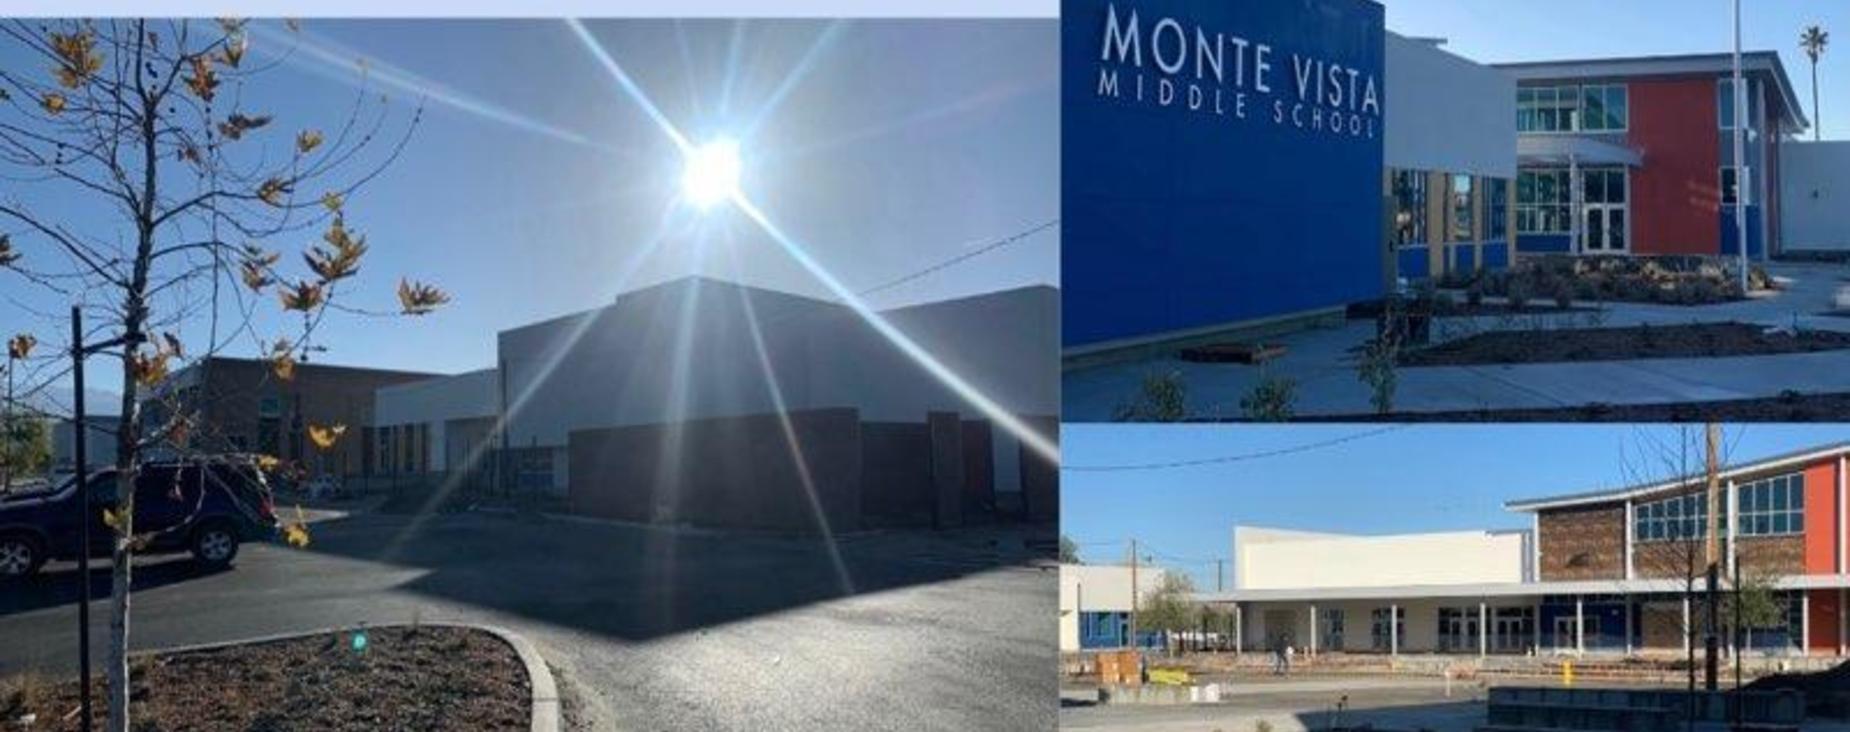 New Monte Vista